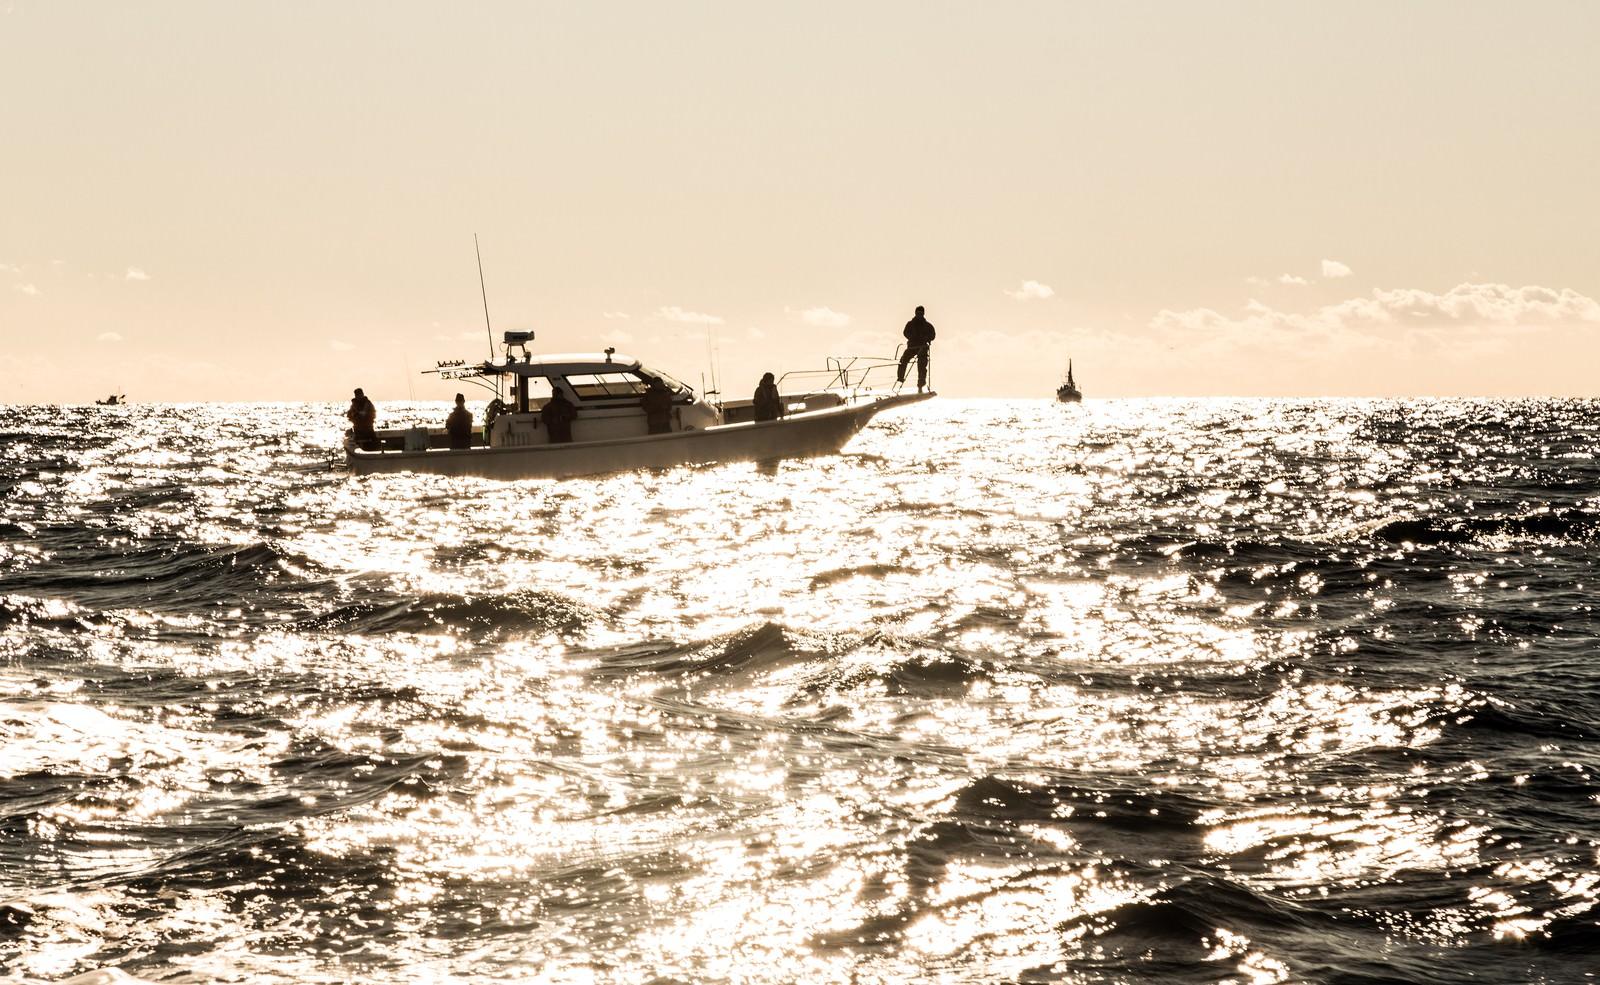 「沖合の釣り船」の写真